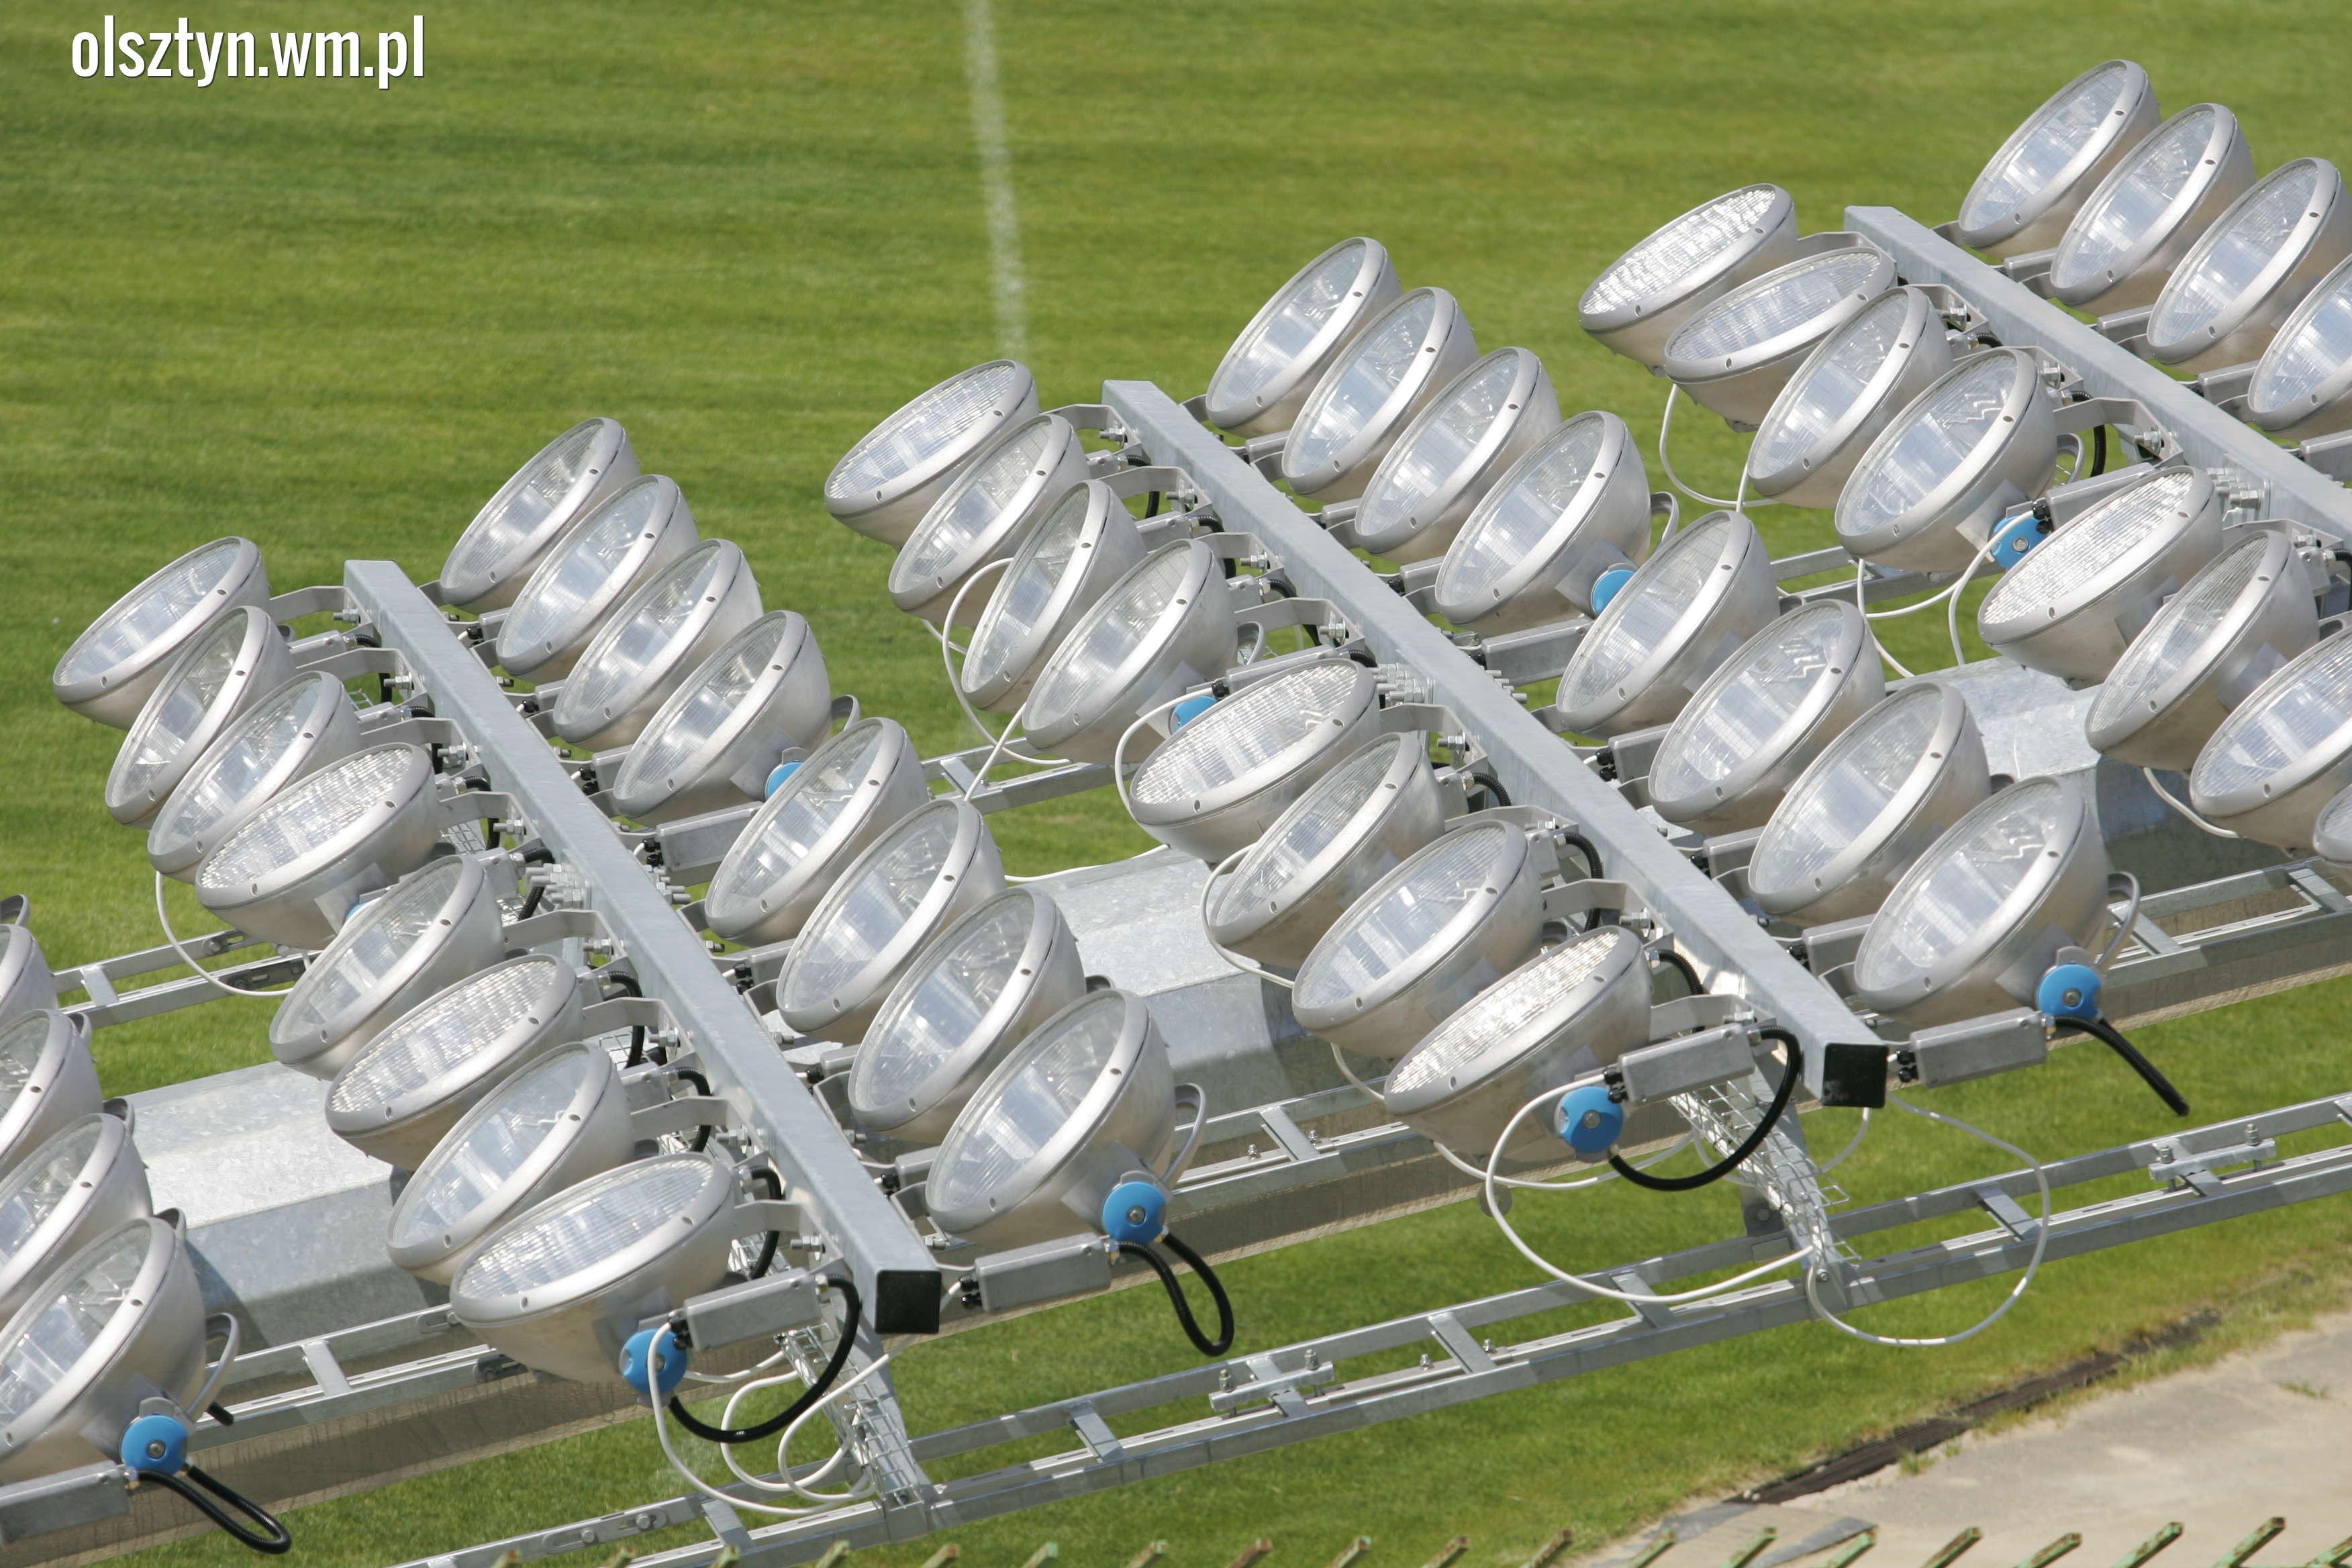 Montują Maszty Oświetleniowe Na Stadionie Stomilu Film I